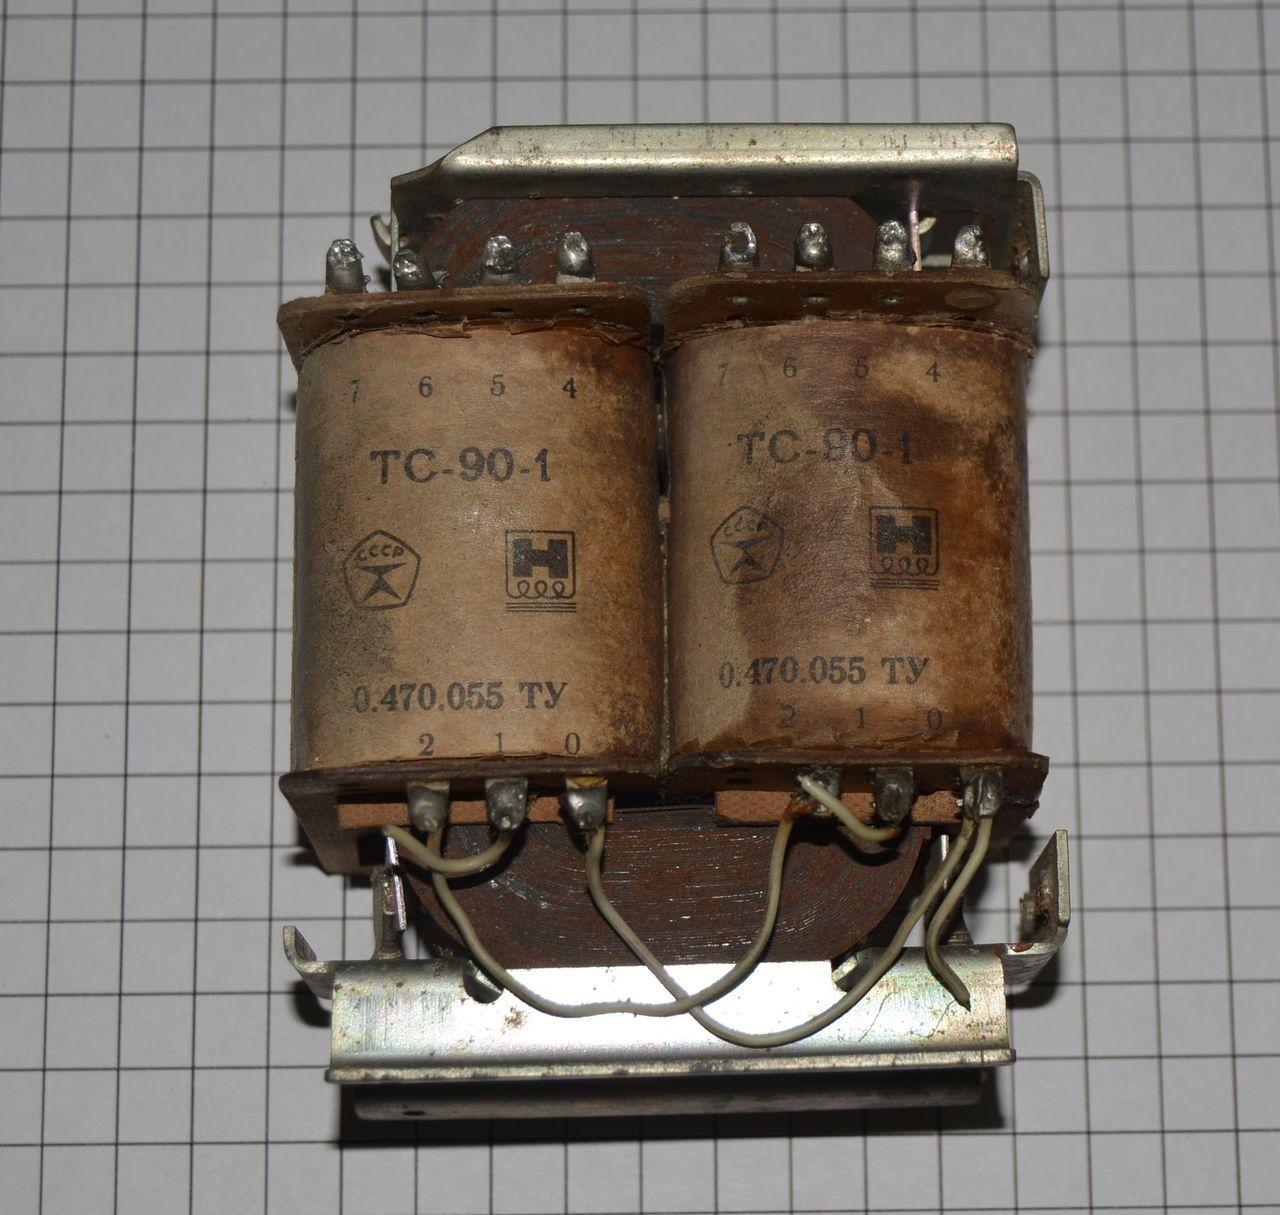 Трансформаторы тaн112 на 220 в выпускаются начиная с 1979 г